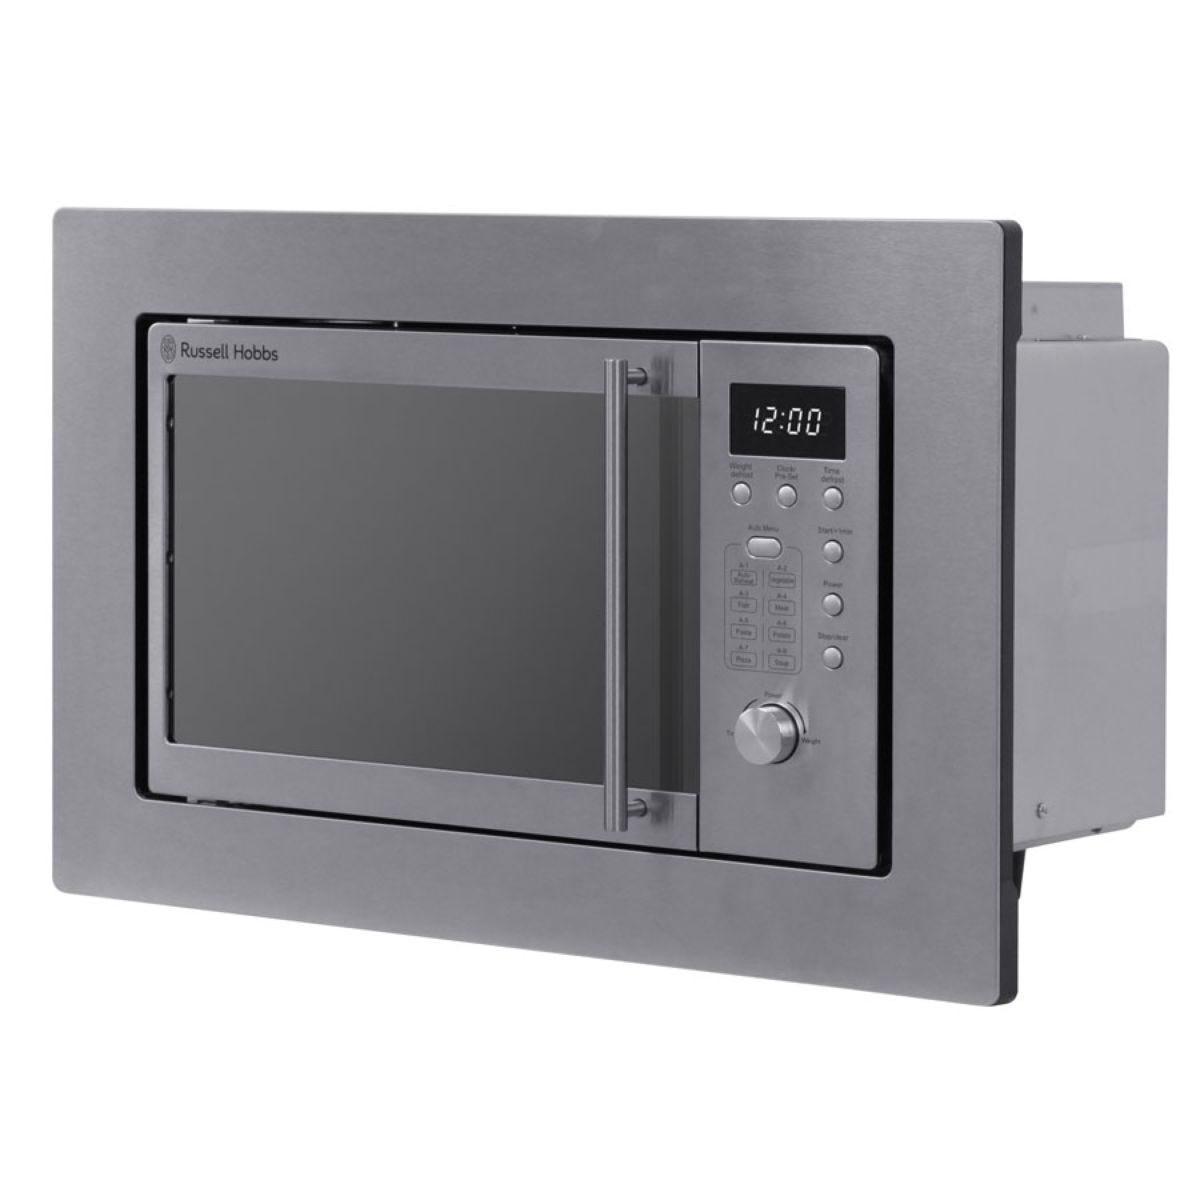 Russell Hobbs RHBM2001 20L Built–In Digital 800W Microwave – Silver